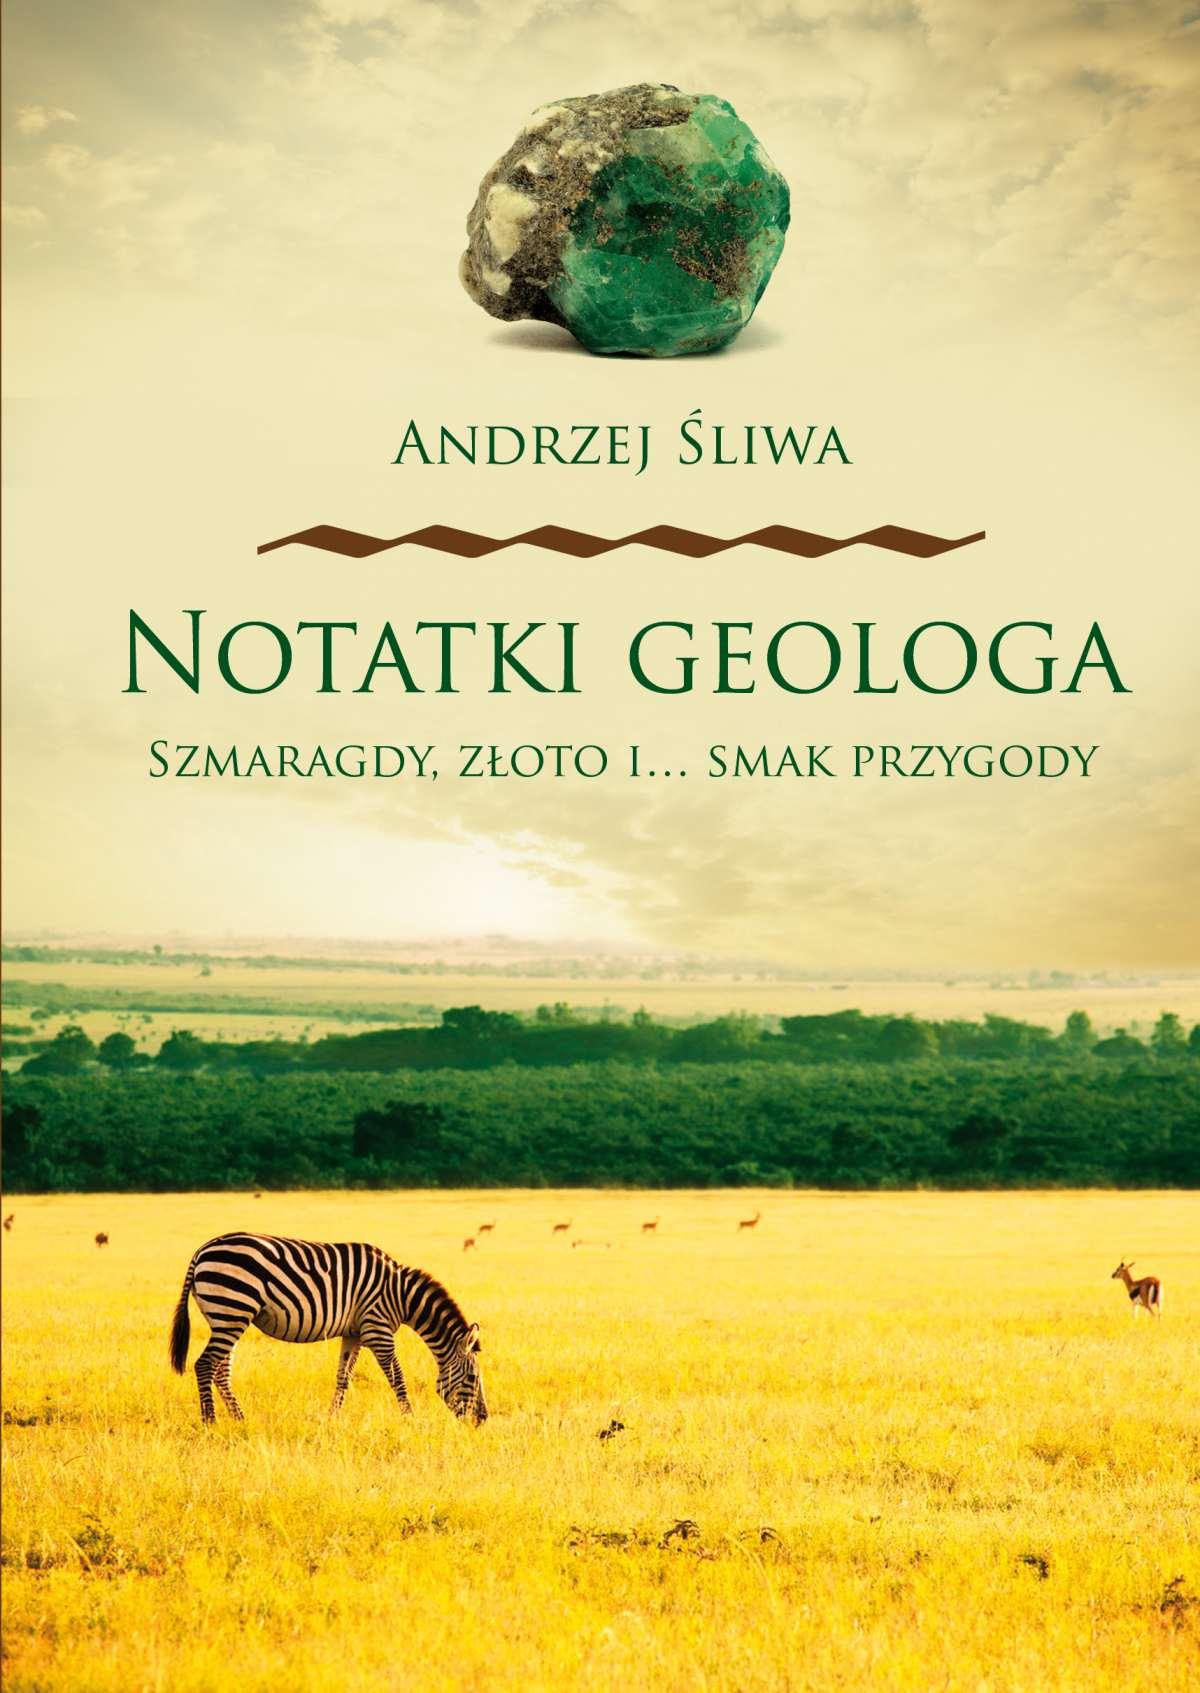 Notatki geologa. Szmaragdy, złoto i… smak przygody - Ebook (Książka EPUB) do pobrania w formacie EPUB